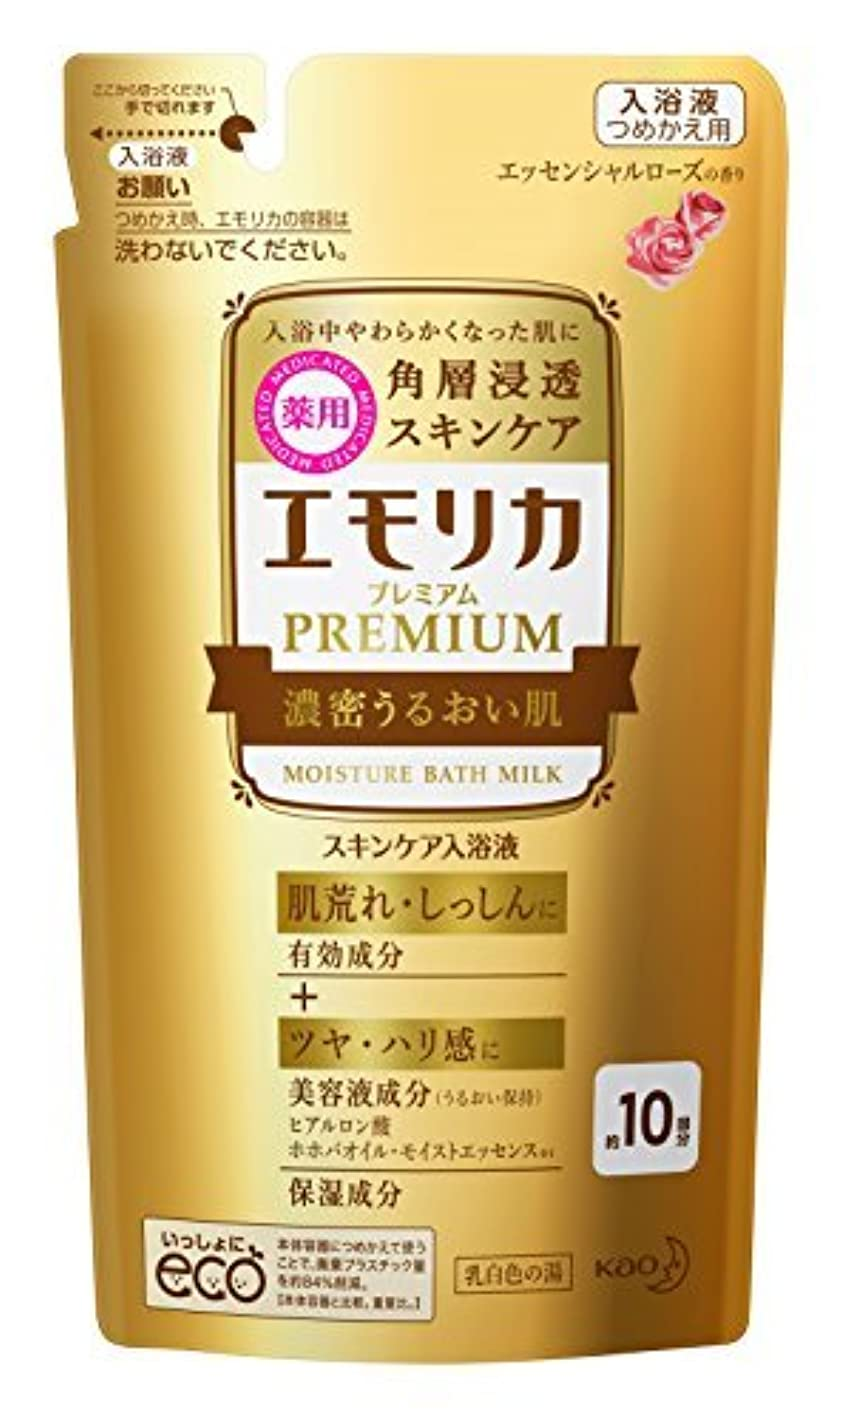 保存慣れる薬剤師エモリカ プレミアム 濃密うるおい肌 つめかえ用 300ml 入浴剤 Japan